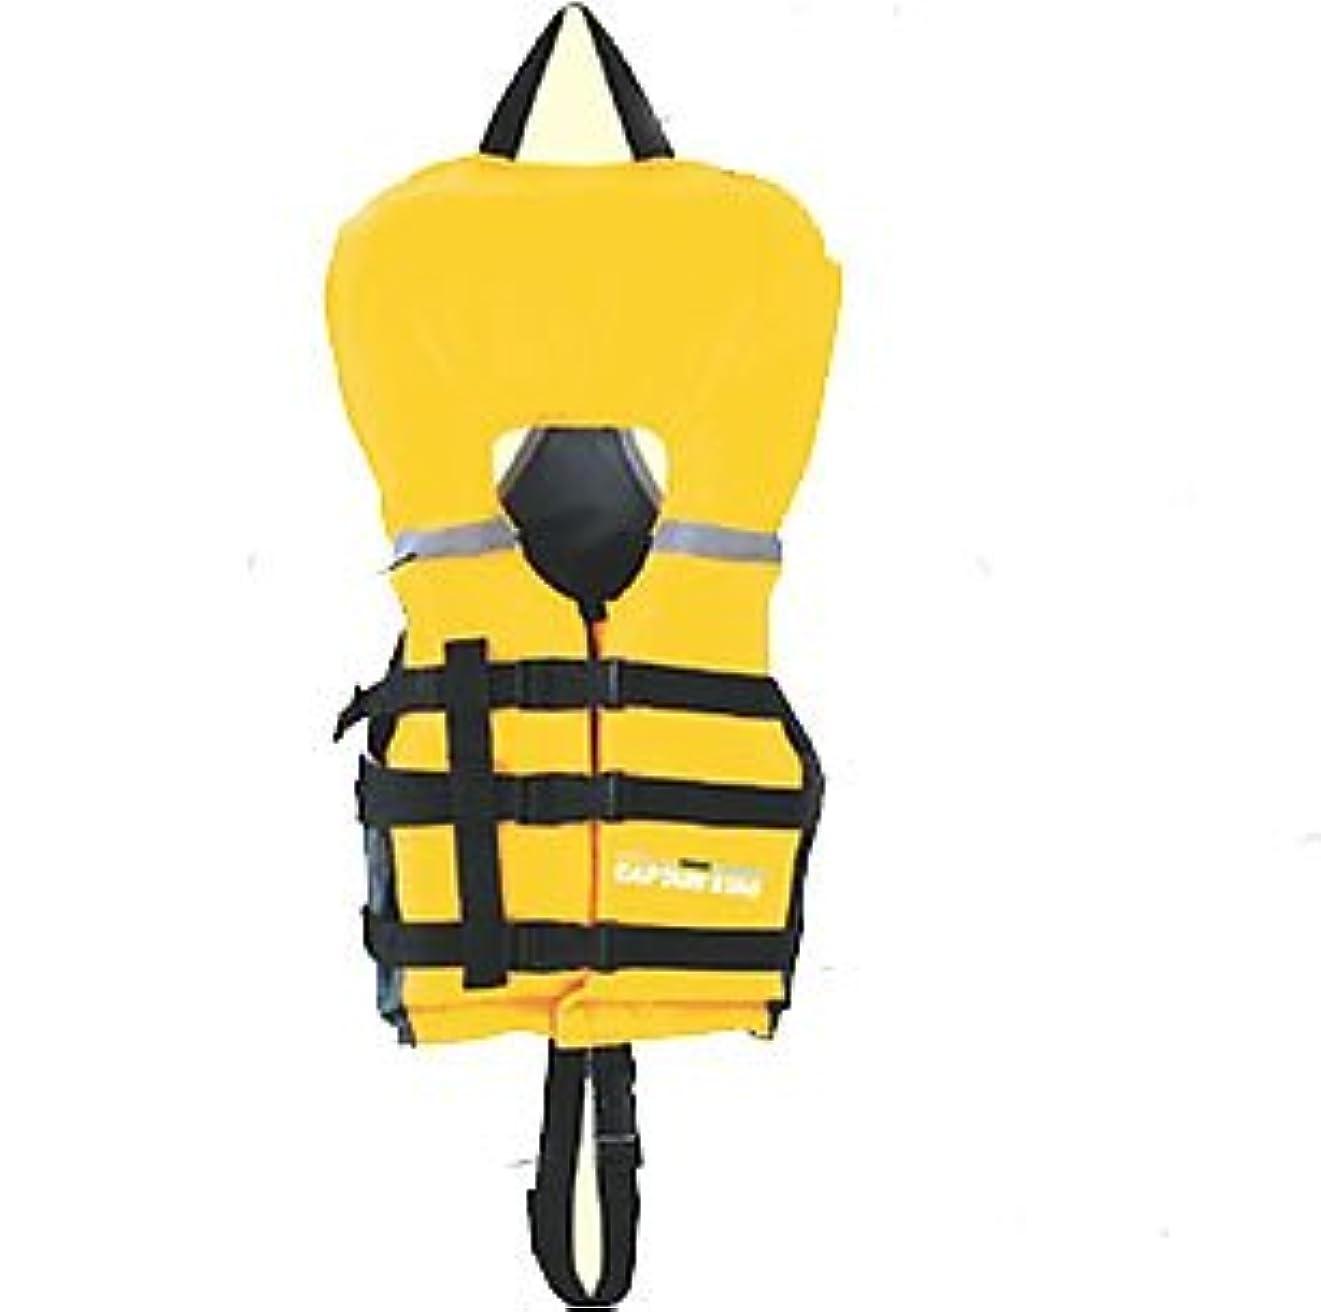 洗練おそらく地図キャプテンスタッグ(CAPTAIN STAG) ライフジャケット シーサイドフローティングエイド幼児用 イエローMC-2554